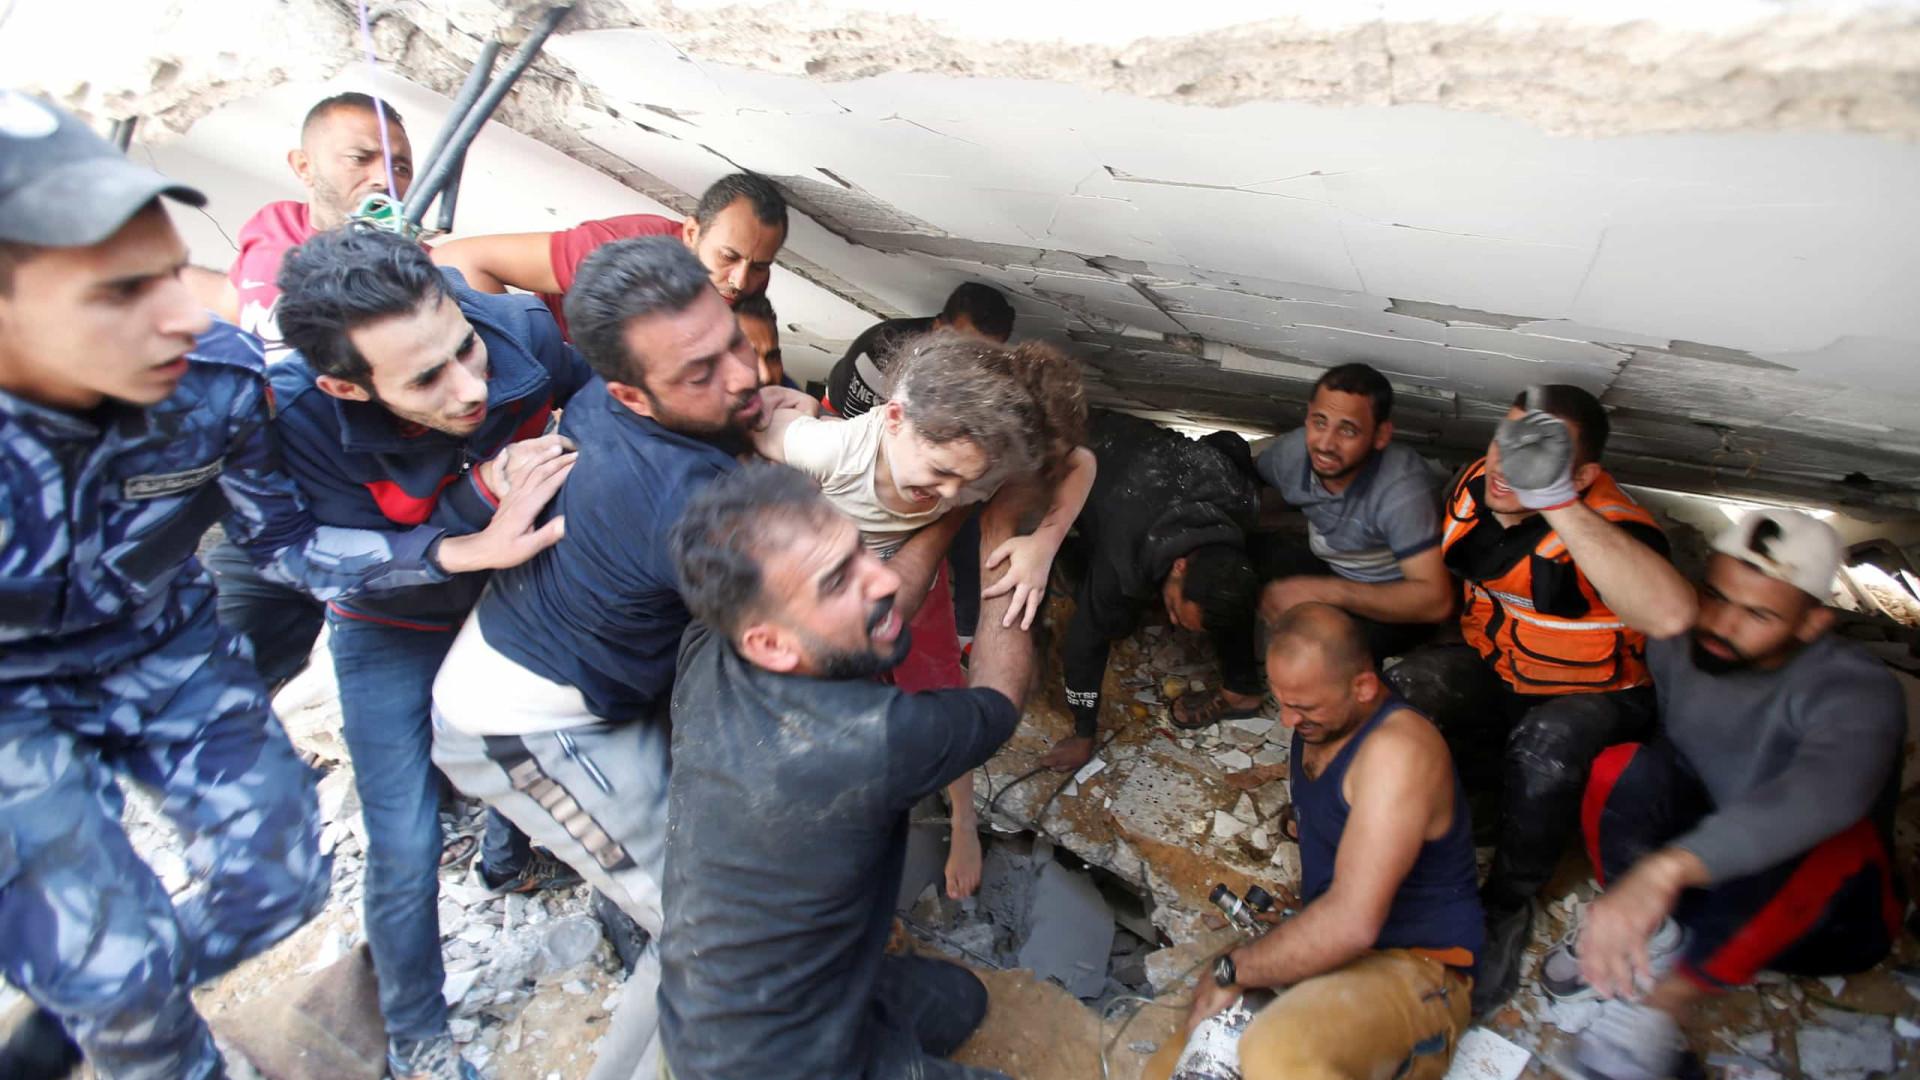 Palestiniana de 6 anos retirada de escombros onde mãe e irmãos morreram